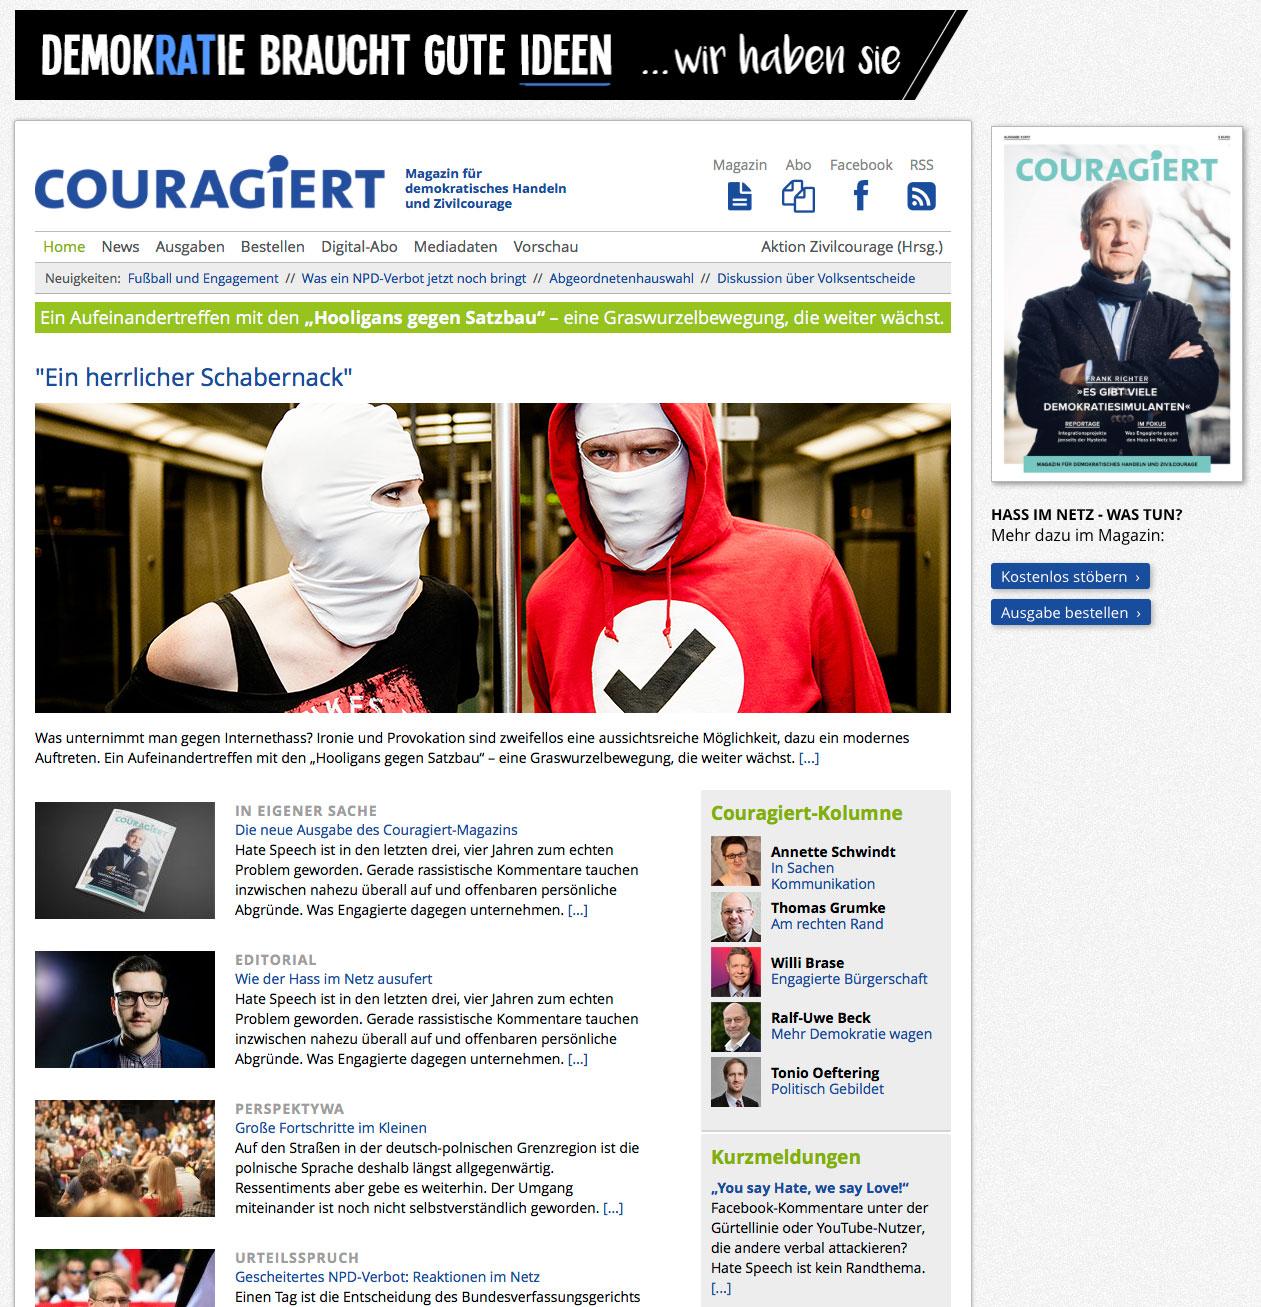 couragiert-magazin